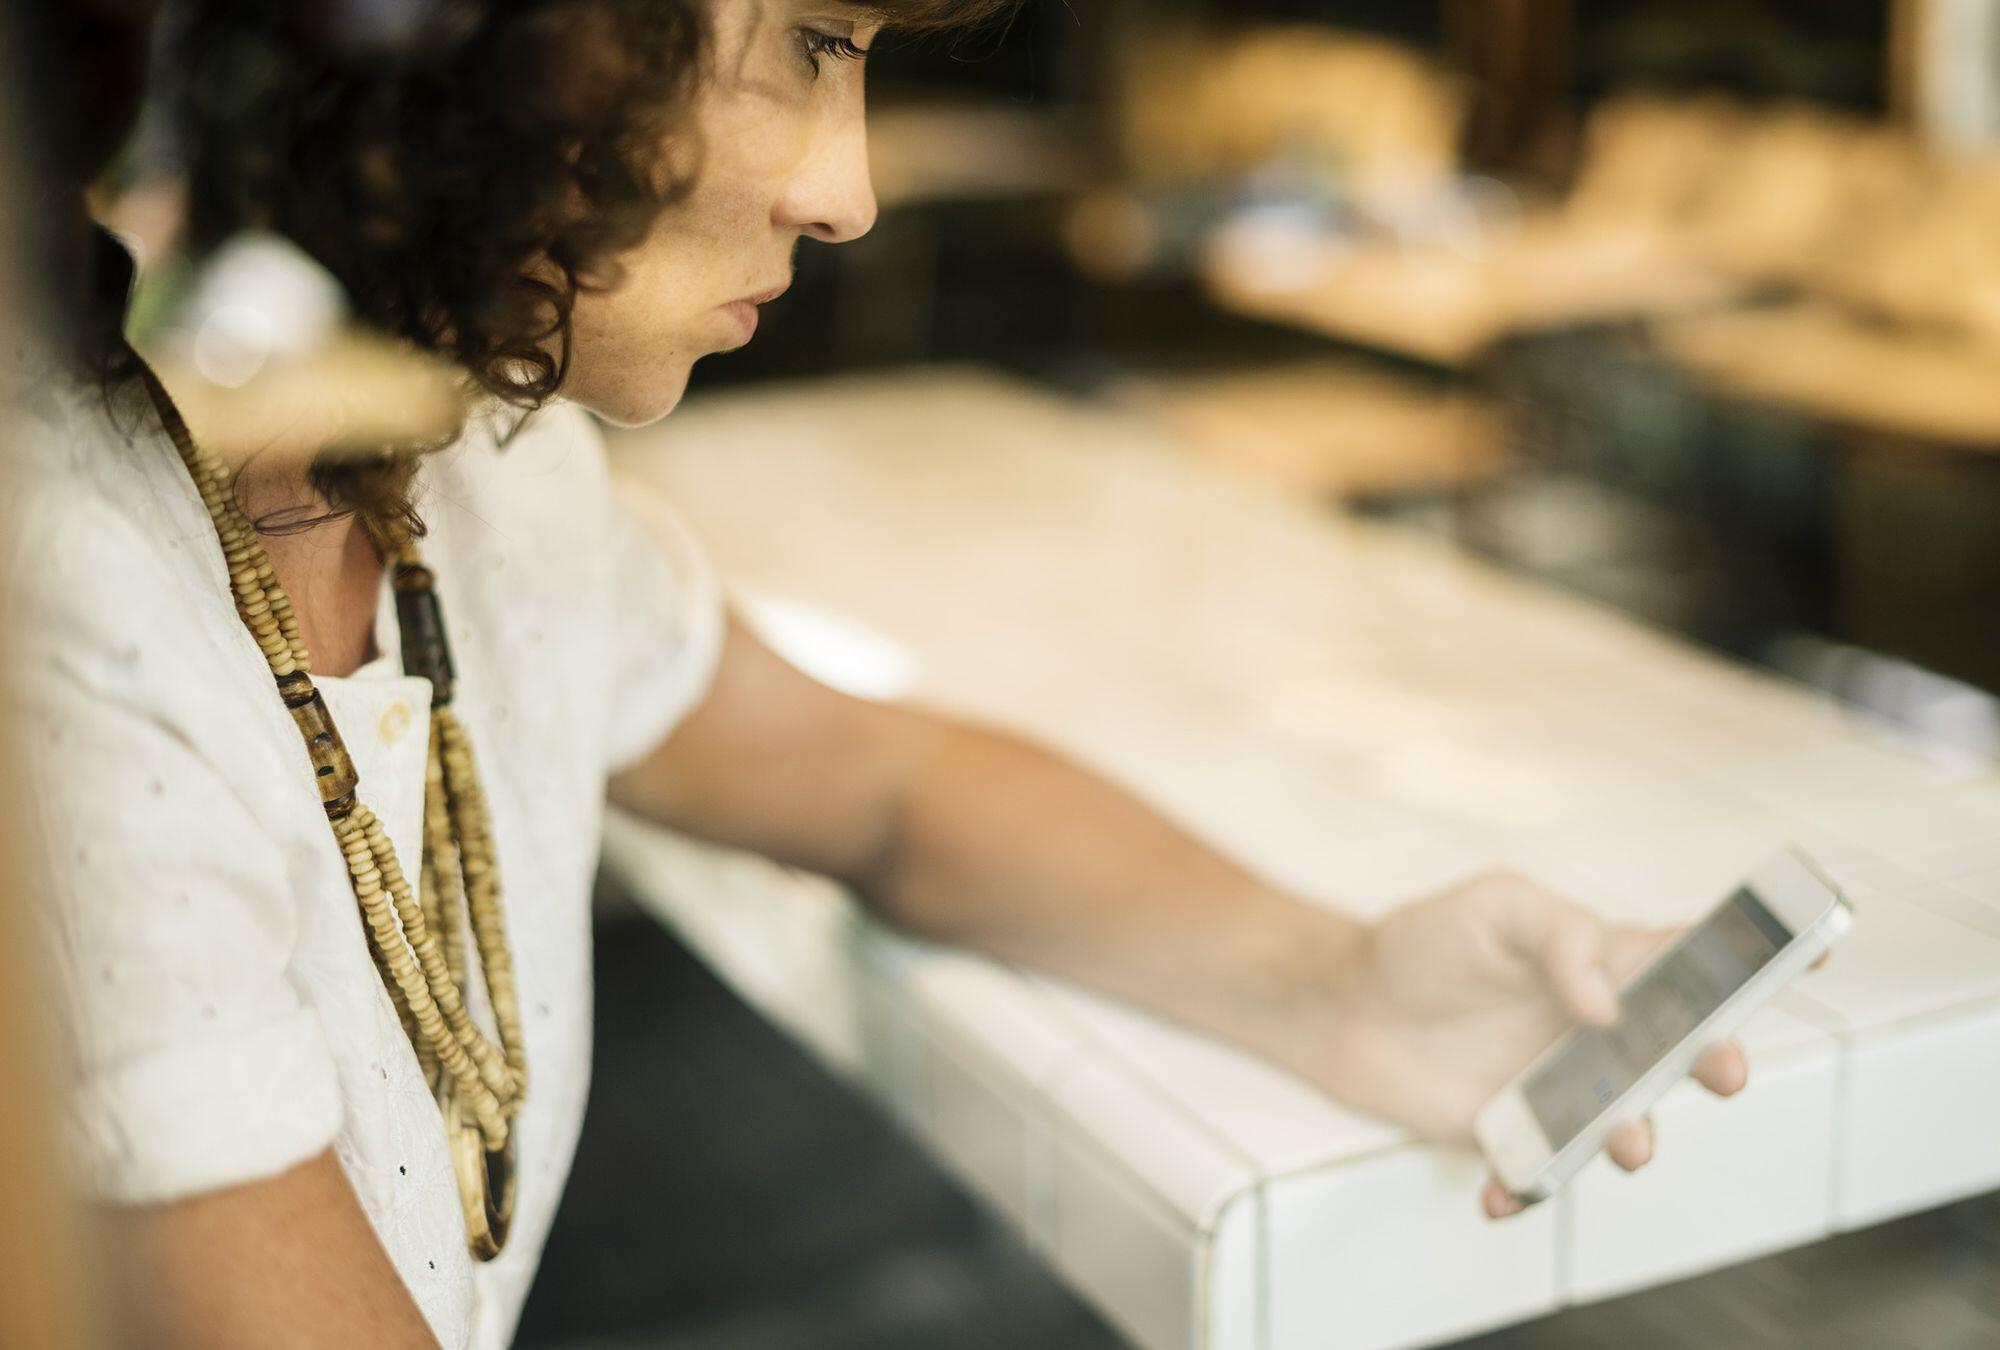 Bild zu Tipps und Tricks, Life Hack, Produktivität, Zeitmanagement